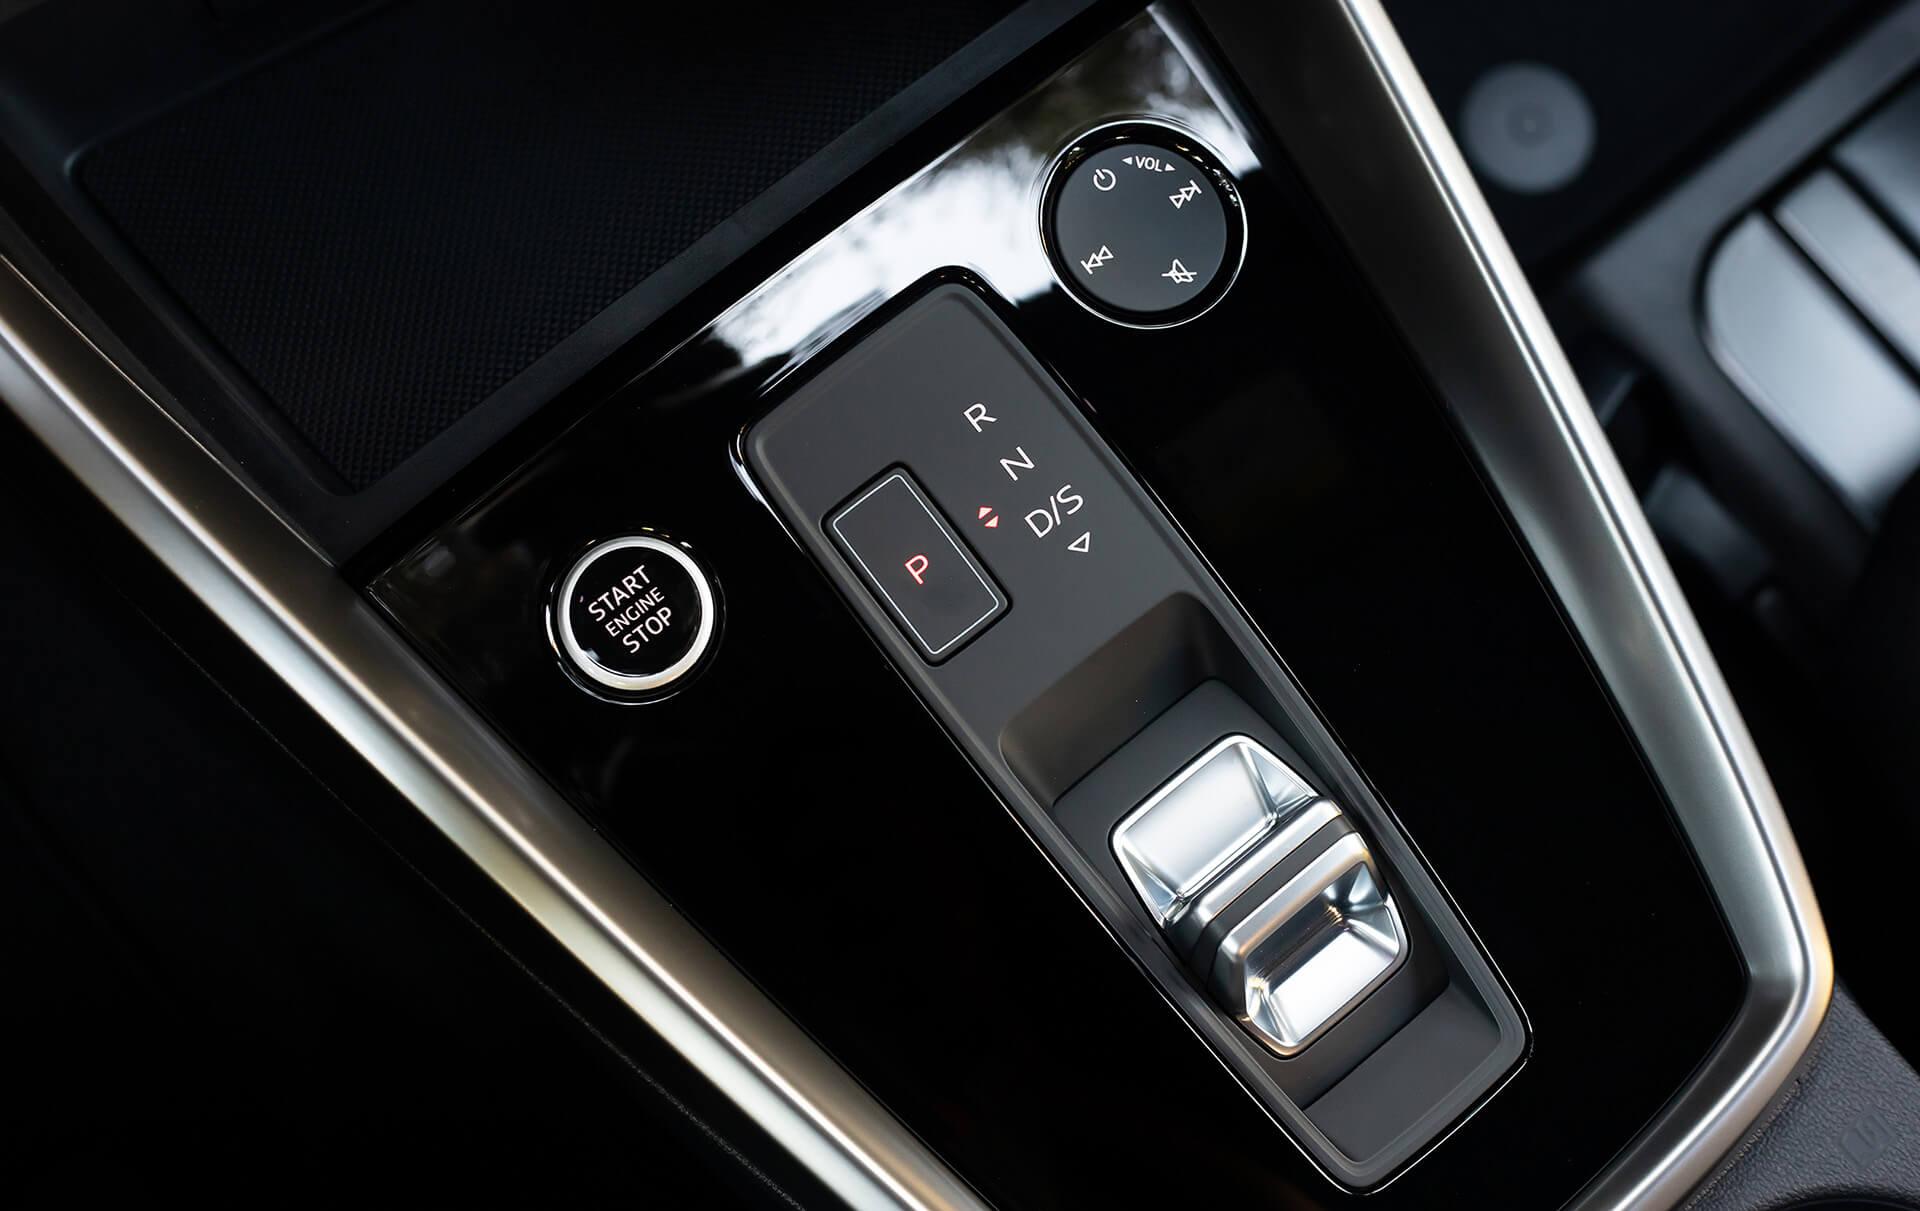 Νέο Audi A3 Sportback - Πρωτοποριακός επιλογέας ταχυτήτων με τεχνολογία shift-by wire για έλεγχο των βασικών λειτουργιών του 7-σχέσεων S tronic